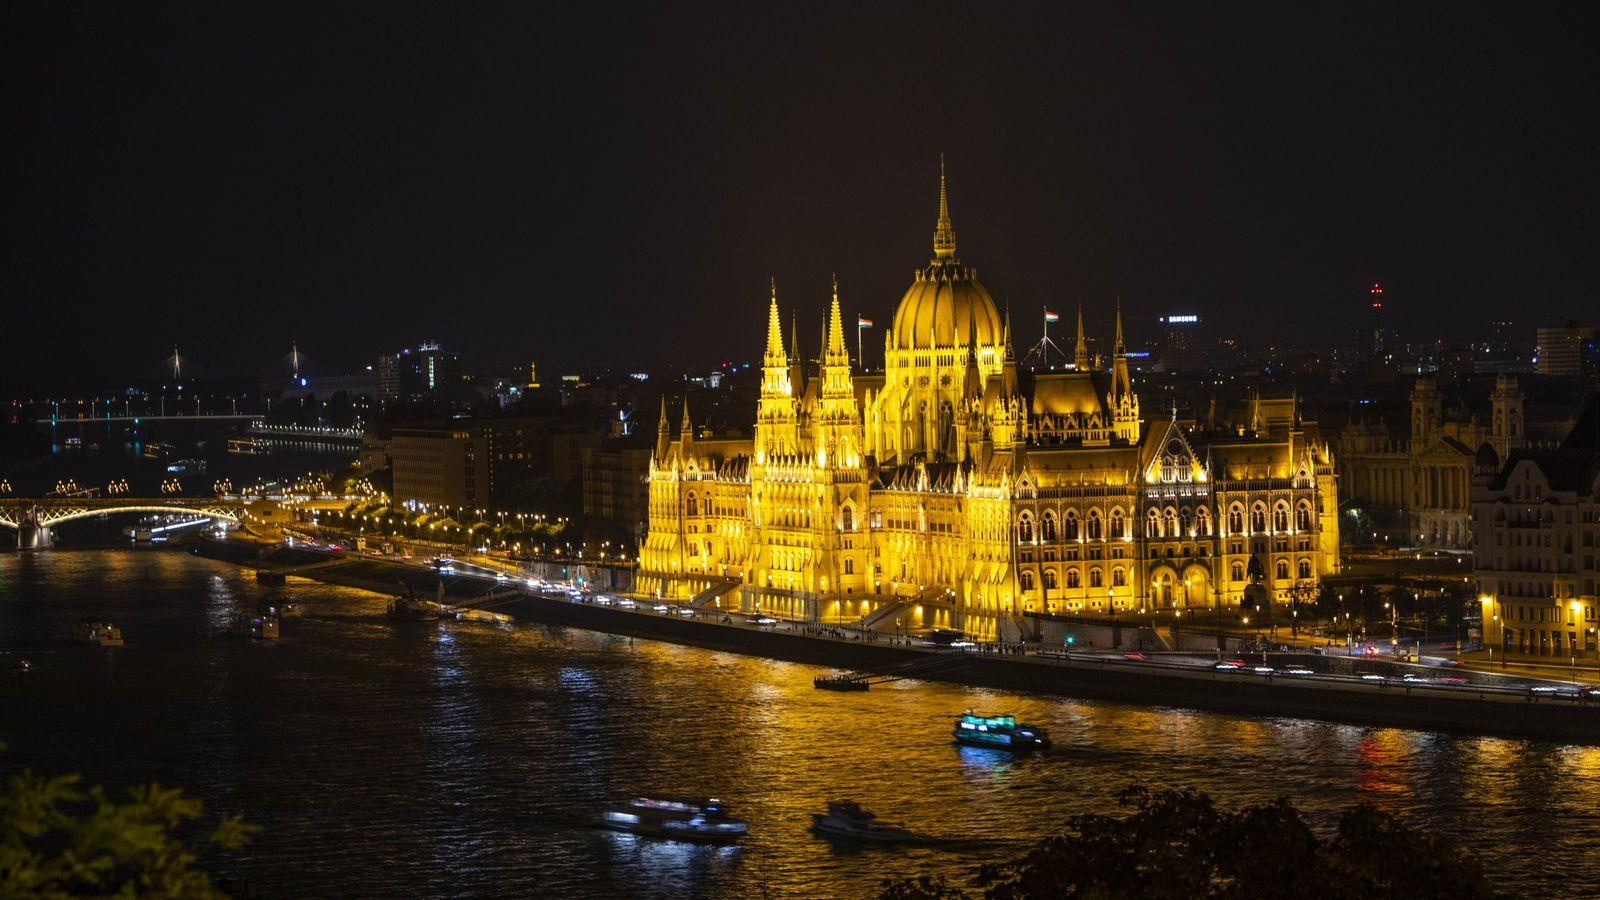 Der Monumentalbau des Budapester Parlaments ist zu jeder Tageszeit eine beeindruckende Erscheinung, insbesondere jedoch bei Nacht ...